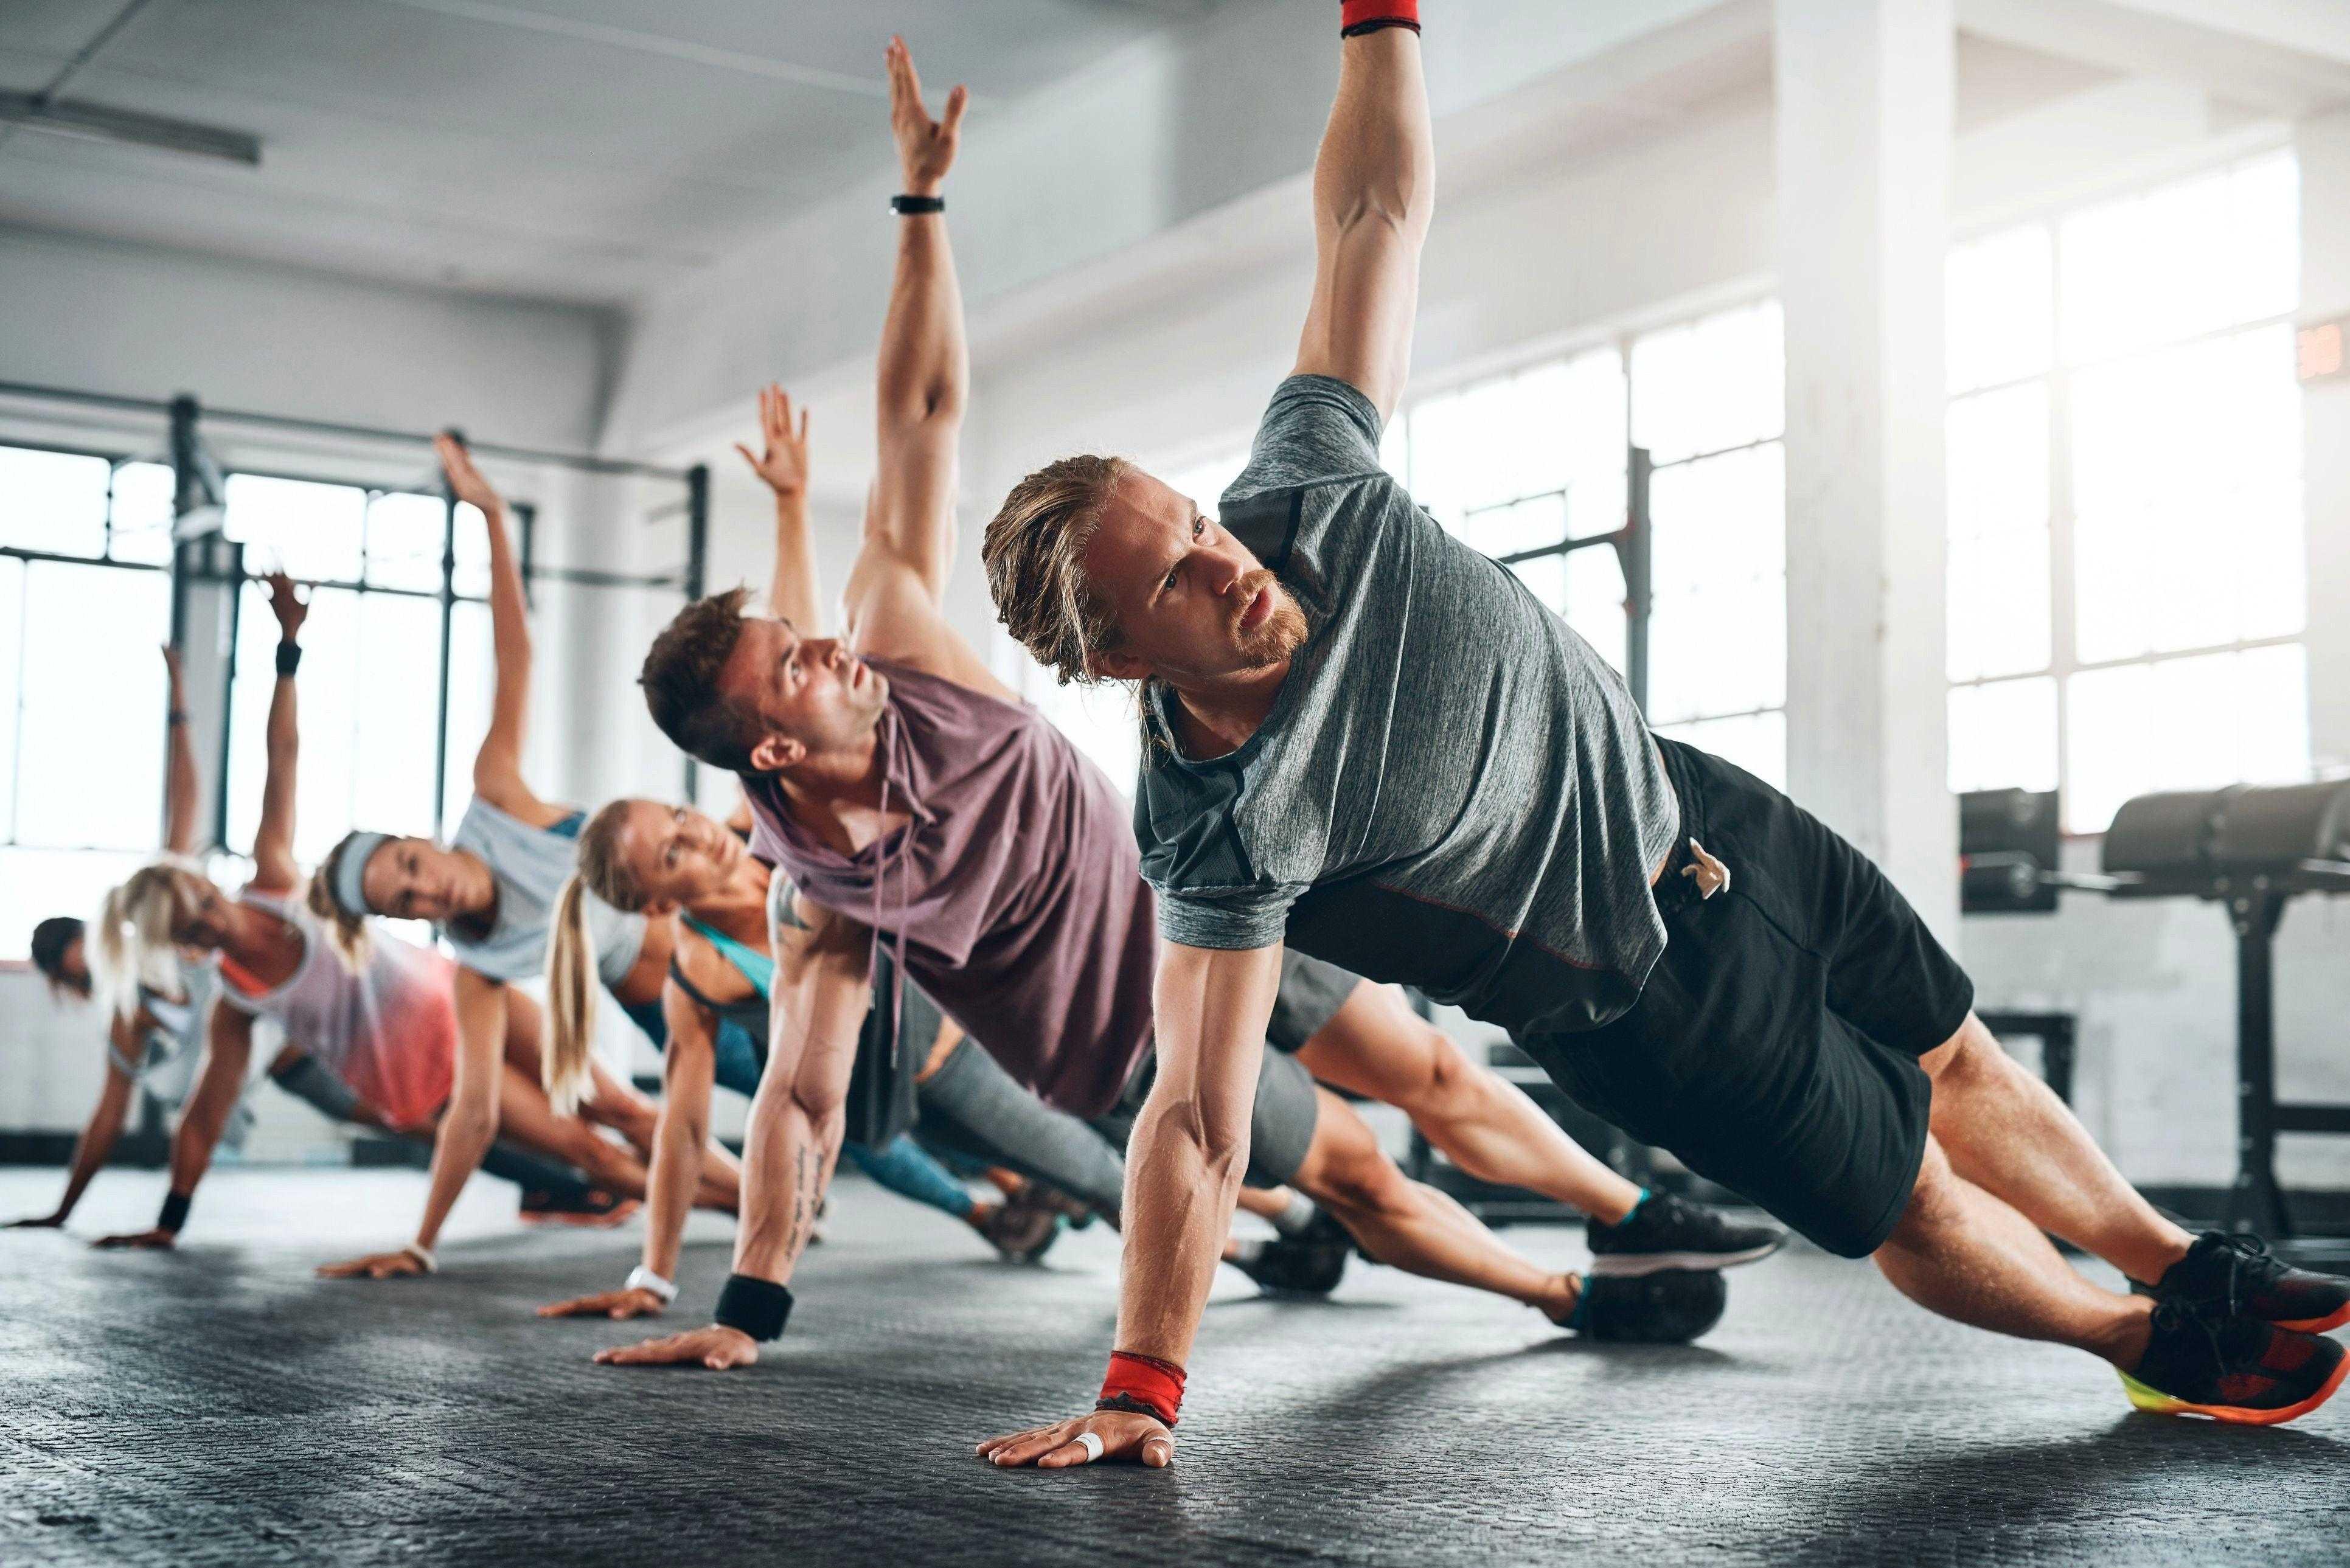 Спорт спасёт от целлюлита! выбираем правильные упражнения